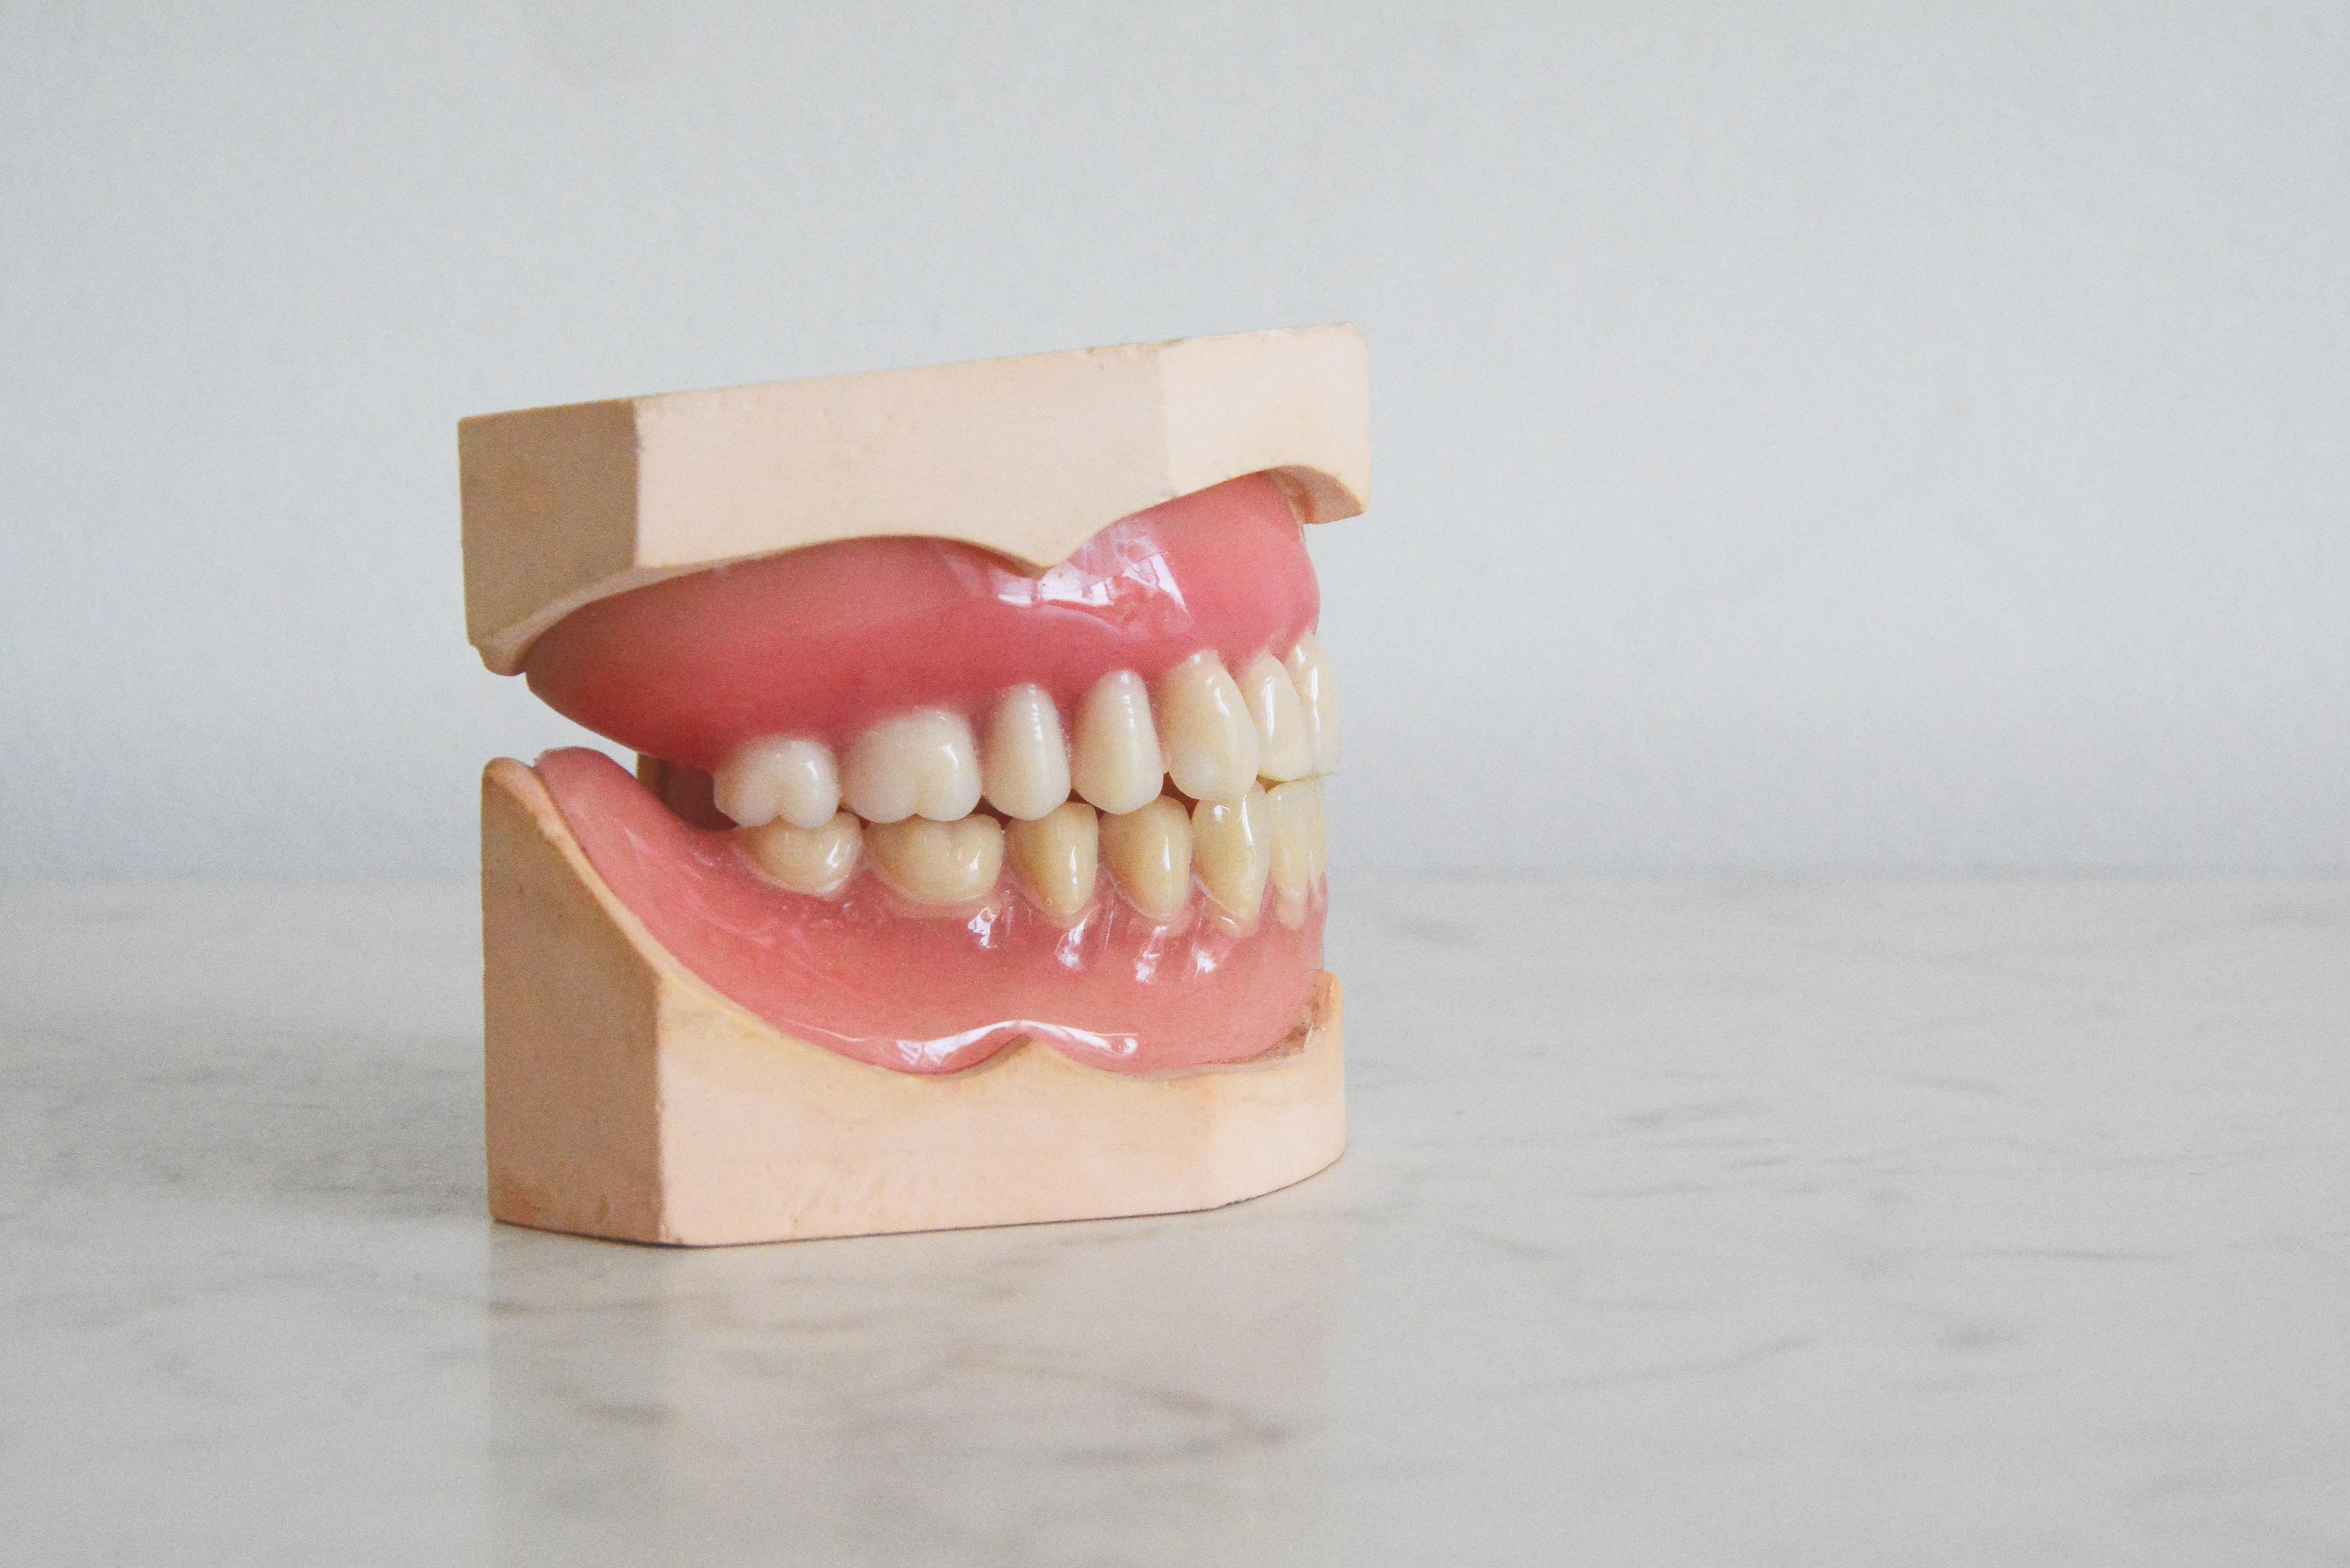 夢 差し歯 が 取れる